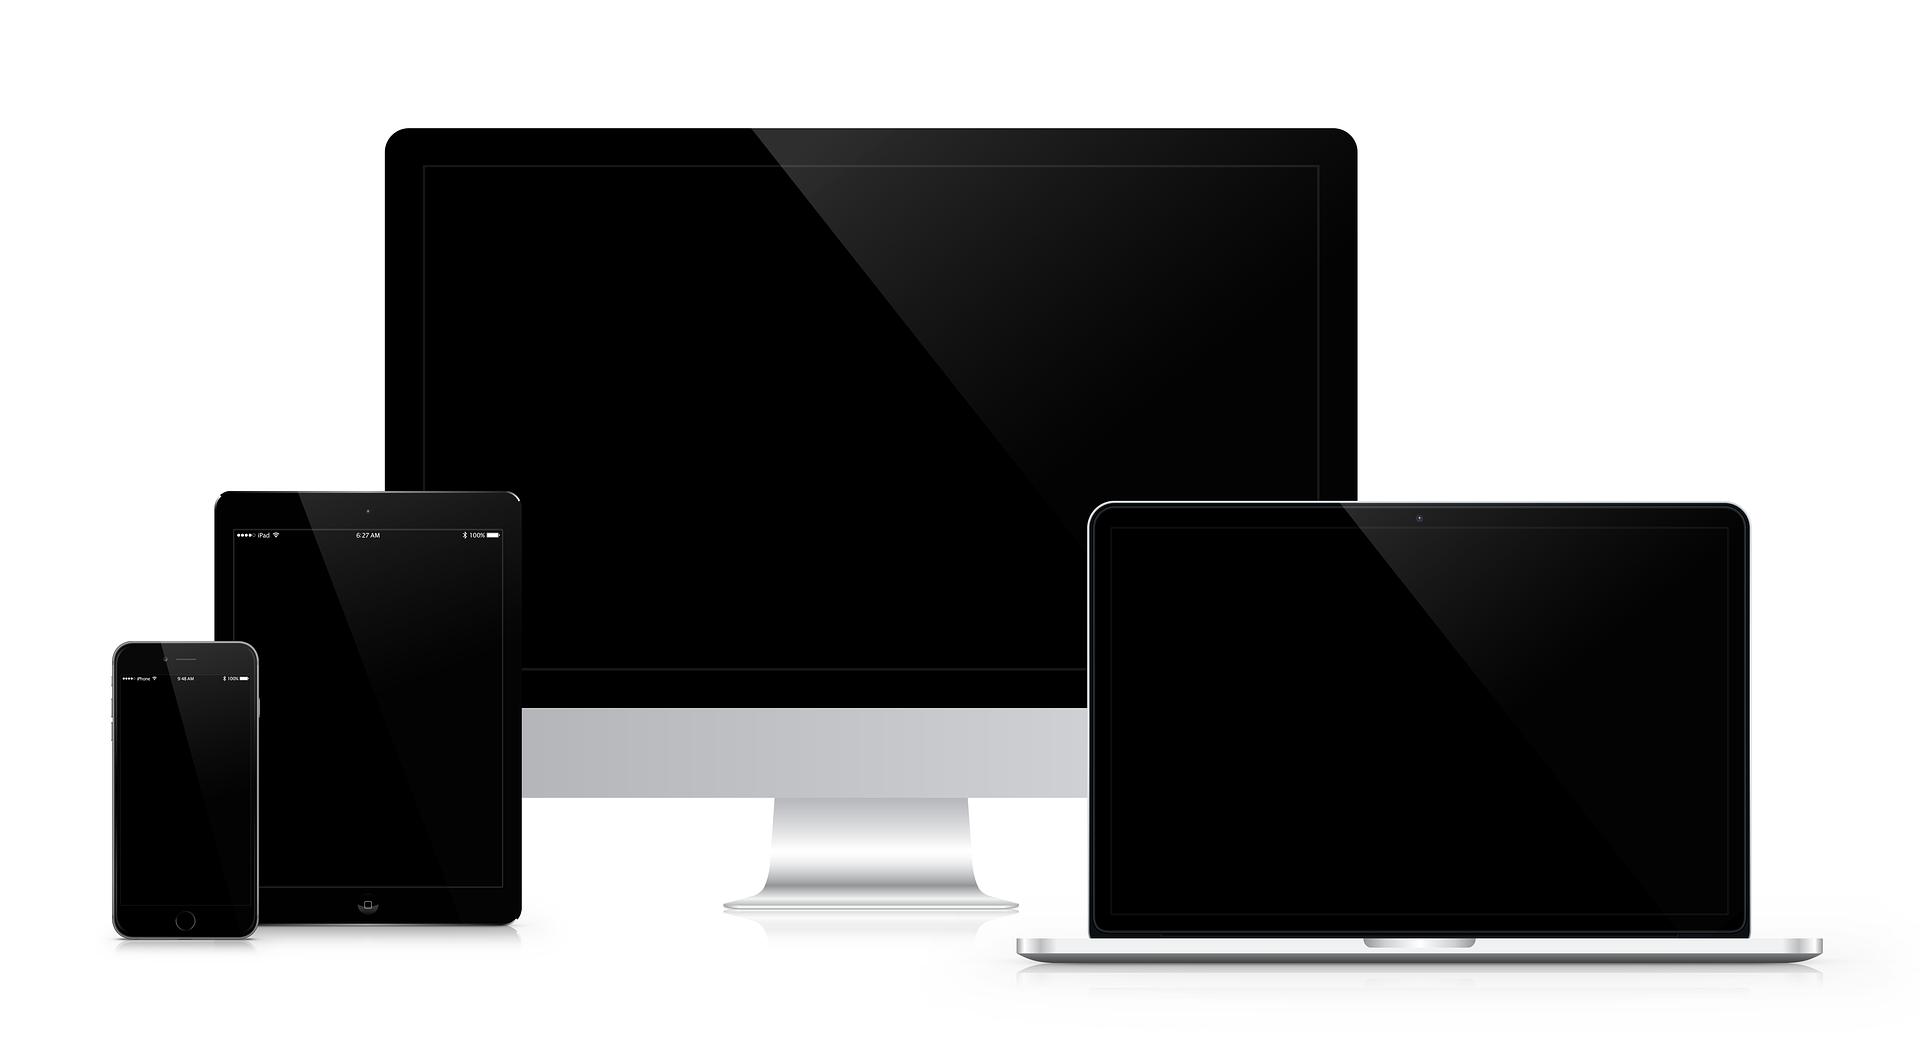 Eine akkurate Anzeige auf allen Endgeräten ist heute Standard im Web Design.